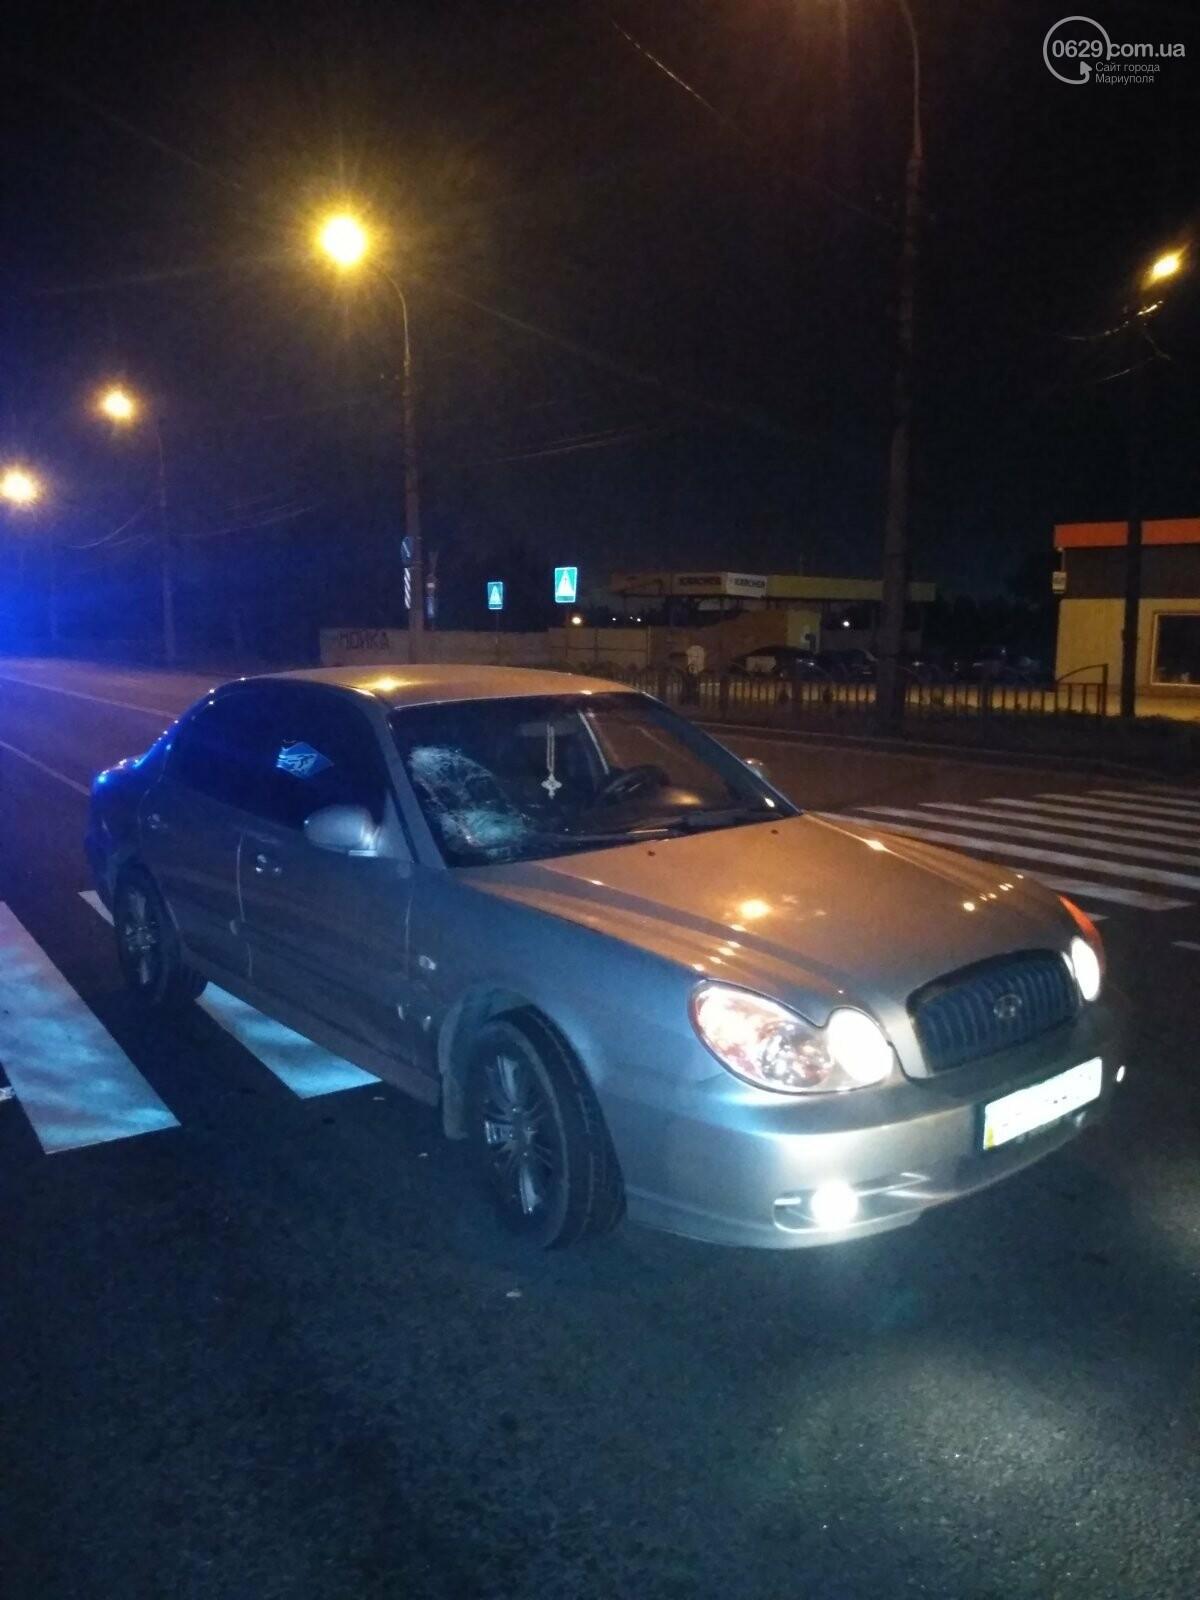 В Мариуполе ночью Hyundai сбил пешехода, - ФОТО, фото-2